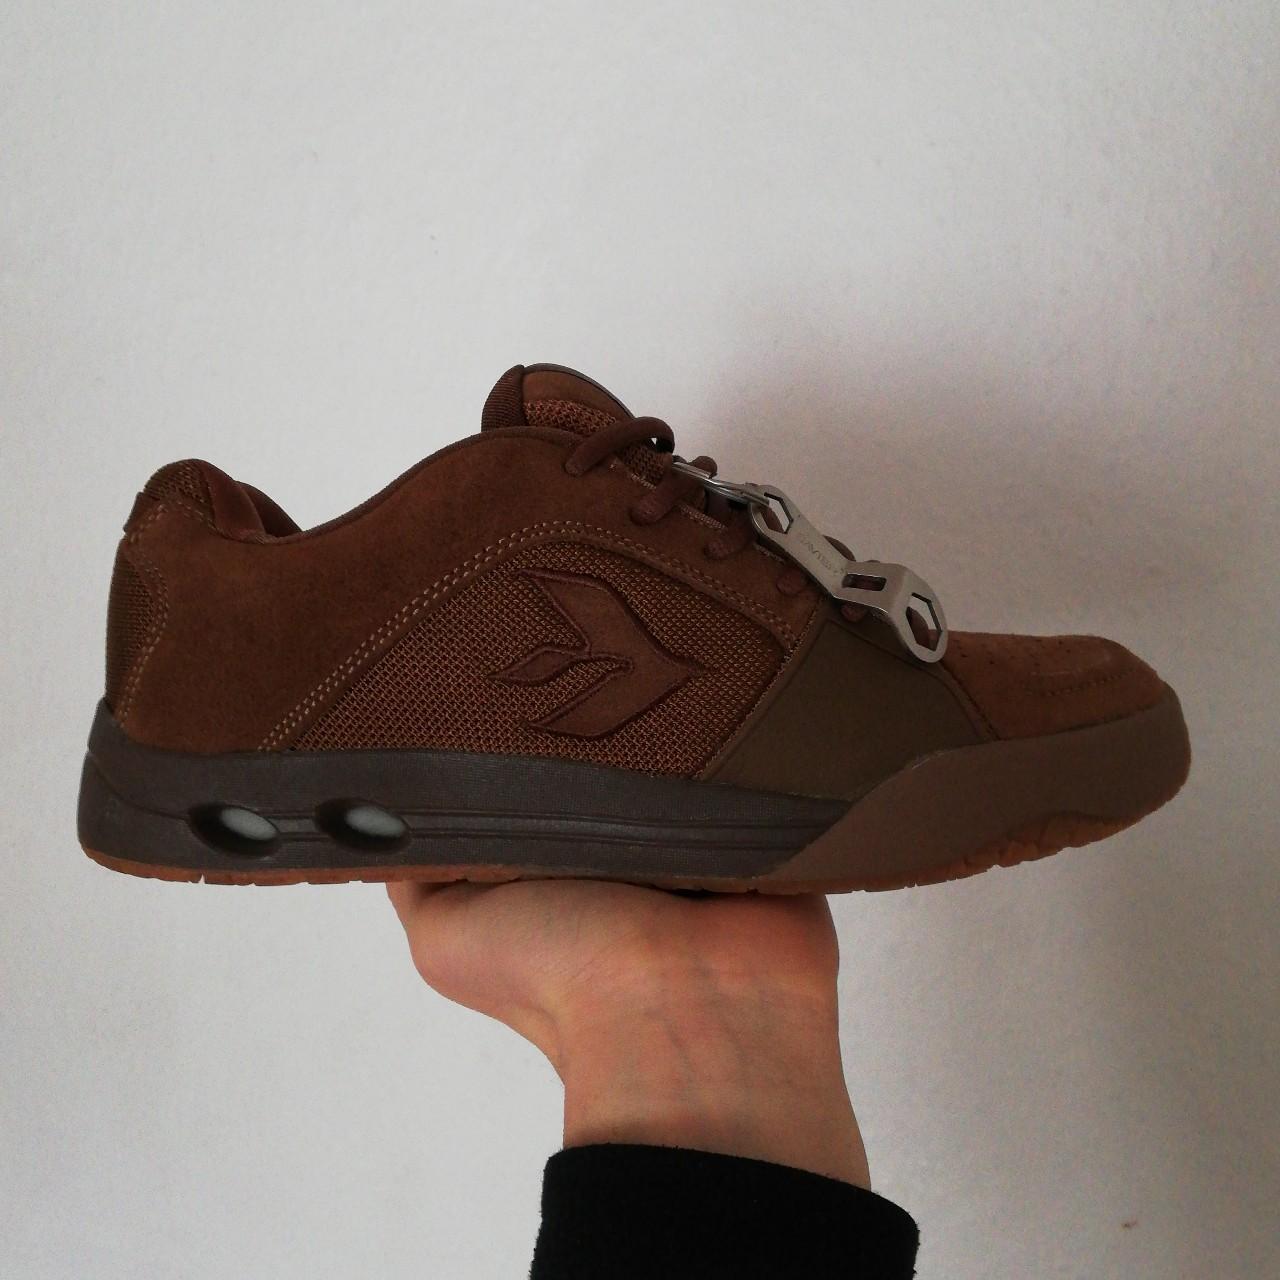 Savier skate shoes dead stock - 0